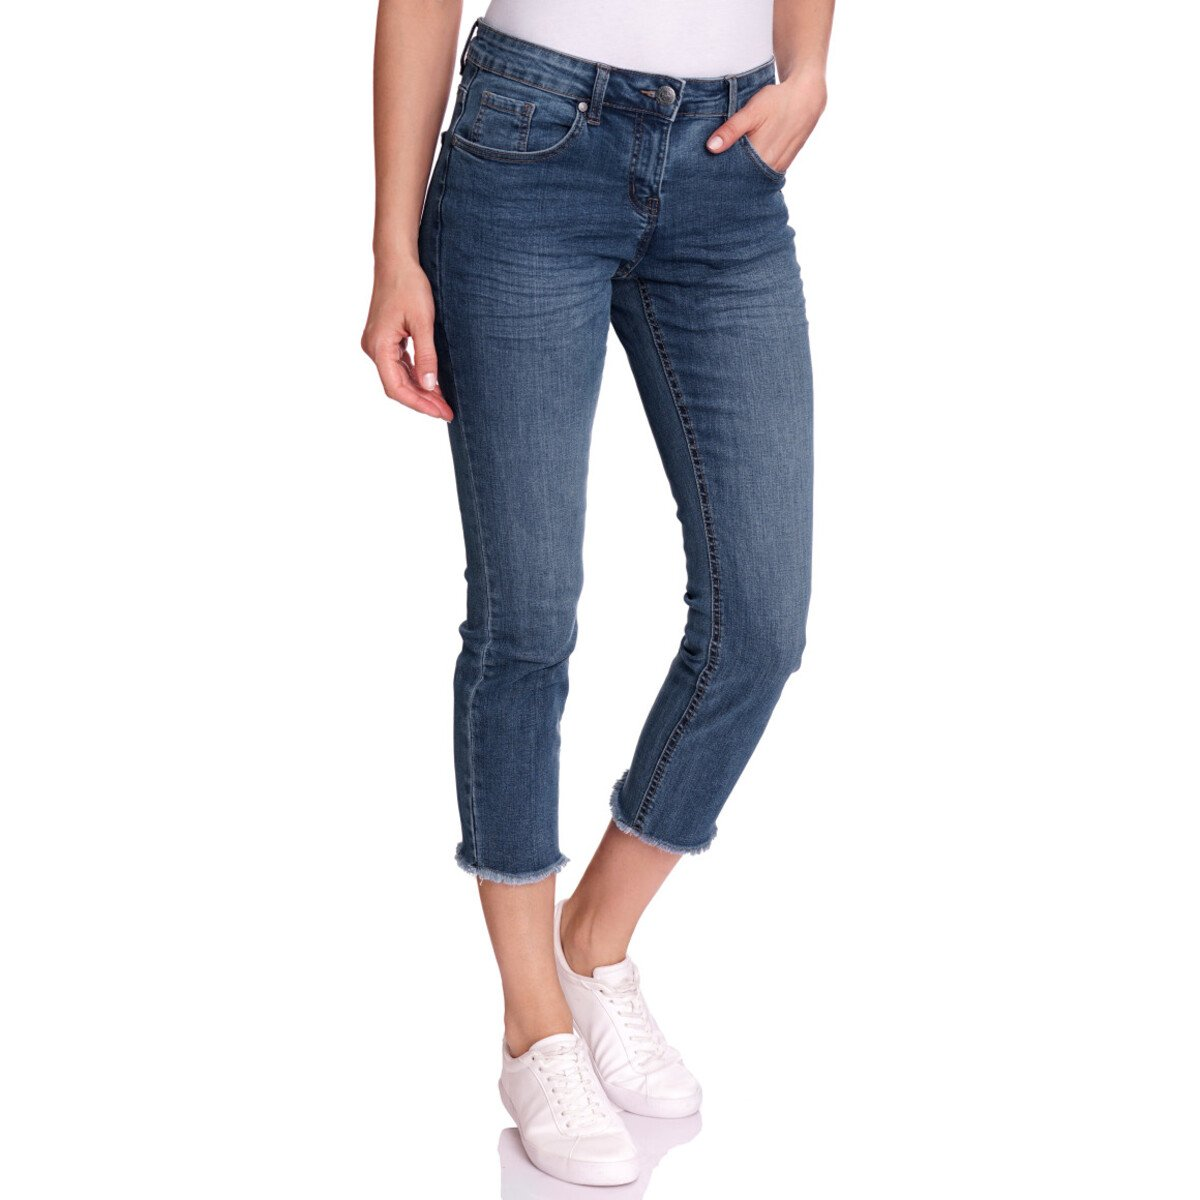 Bild 2 von 7/8 Damen Straight-Jeans mit Fransen